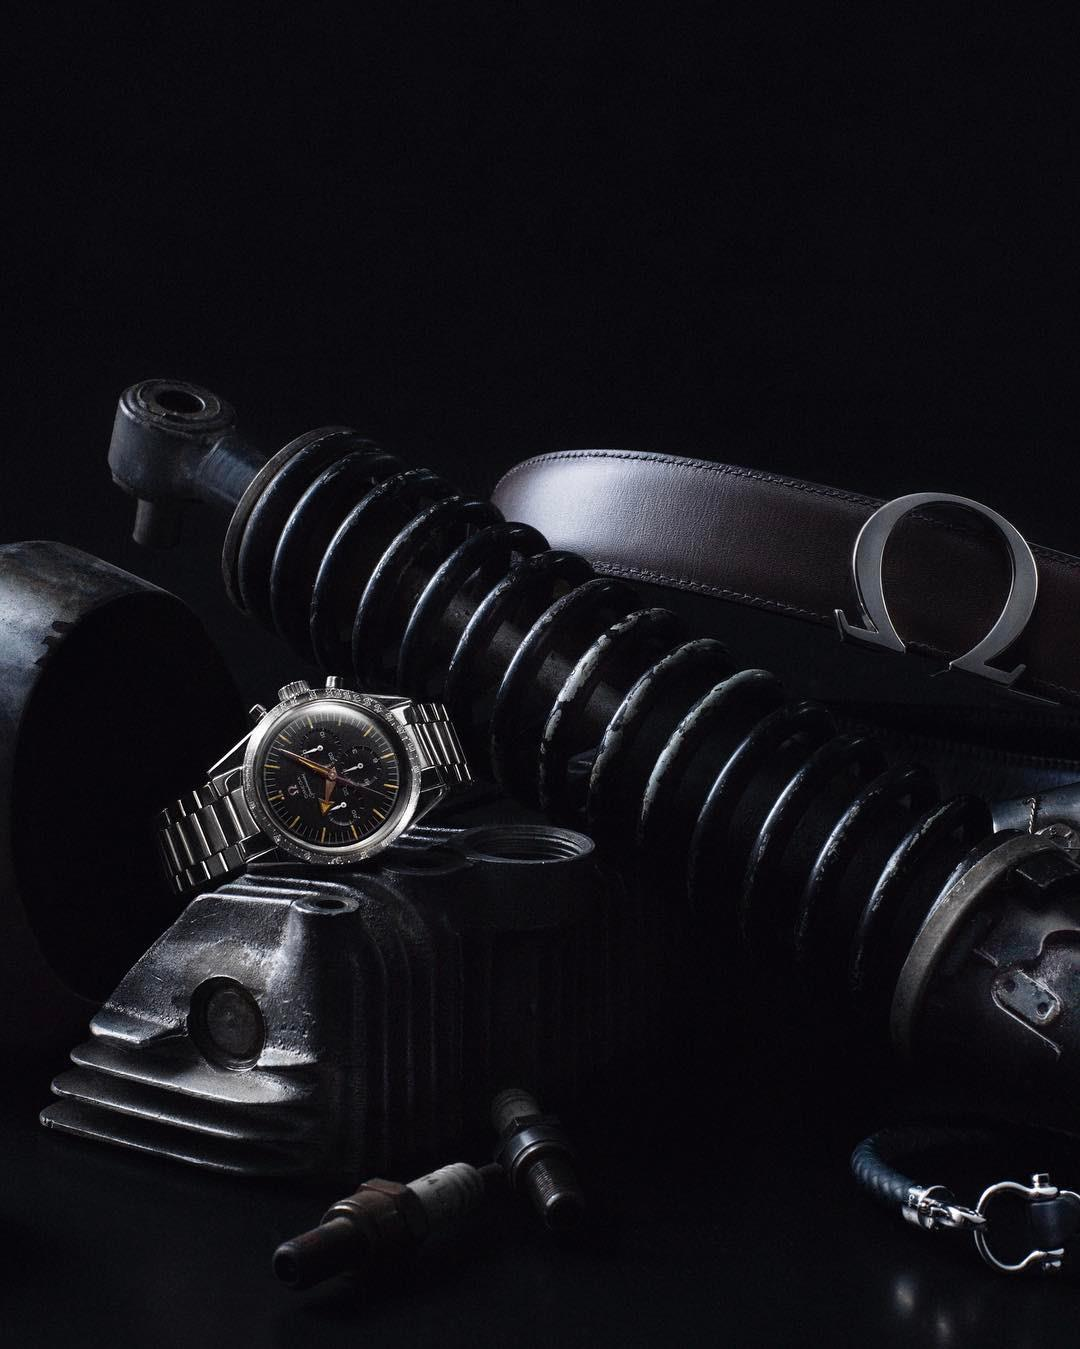 ساعت های جدید امگا